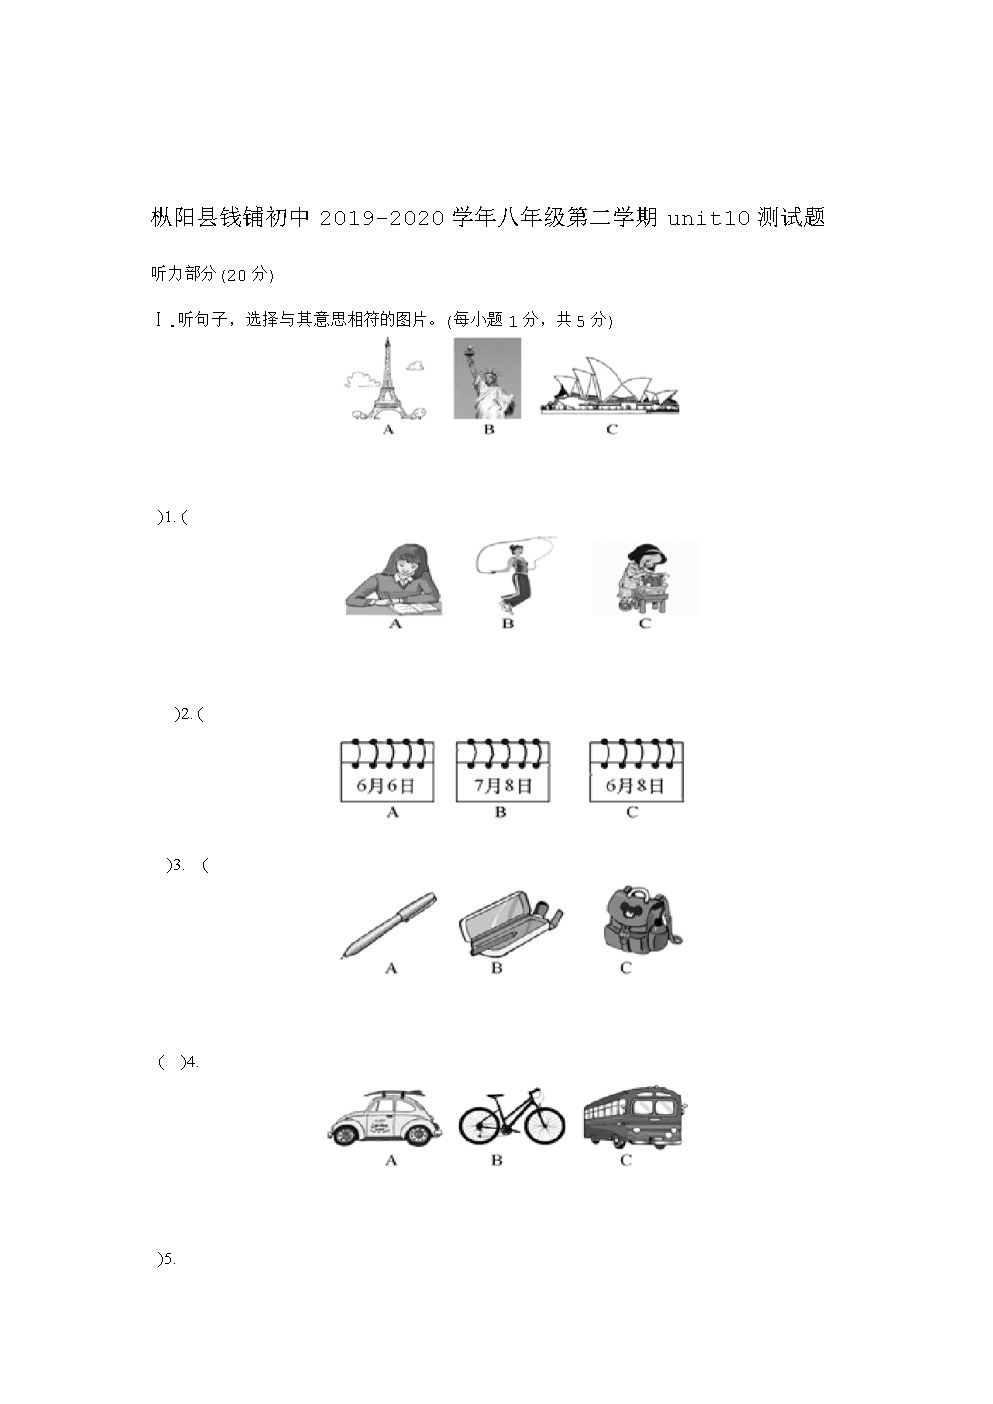 人教版枞阳县钱铺初中2019 2020八级第二学期unit10测试试题 含听力材料.doc